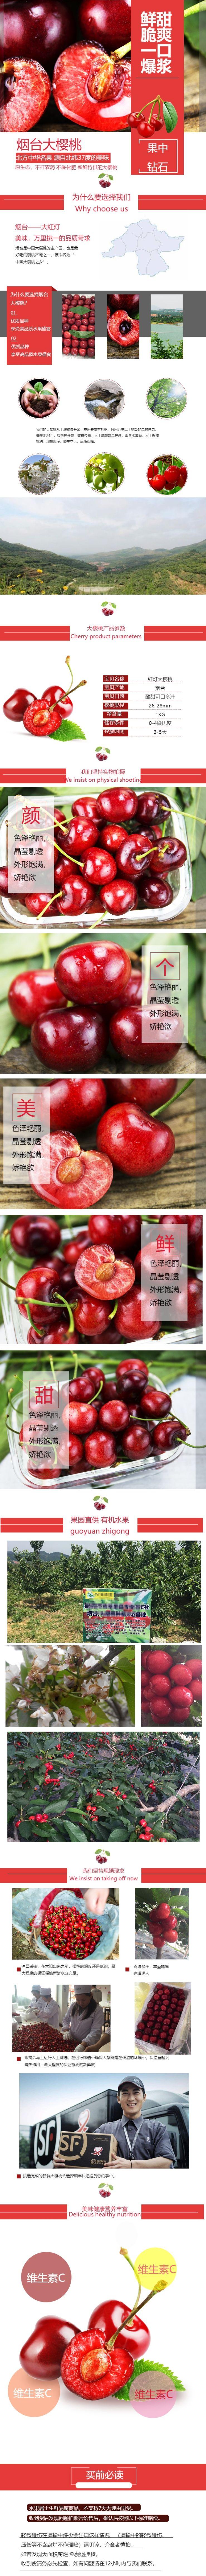 清新简约百货零售生鲜水果樱桃促销电商商品详情页